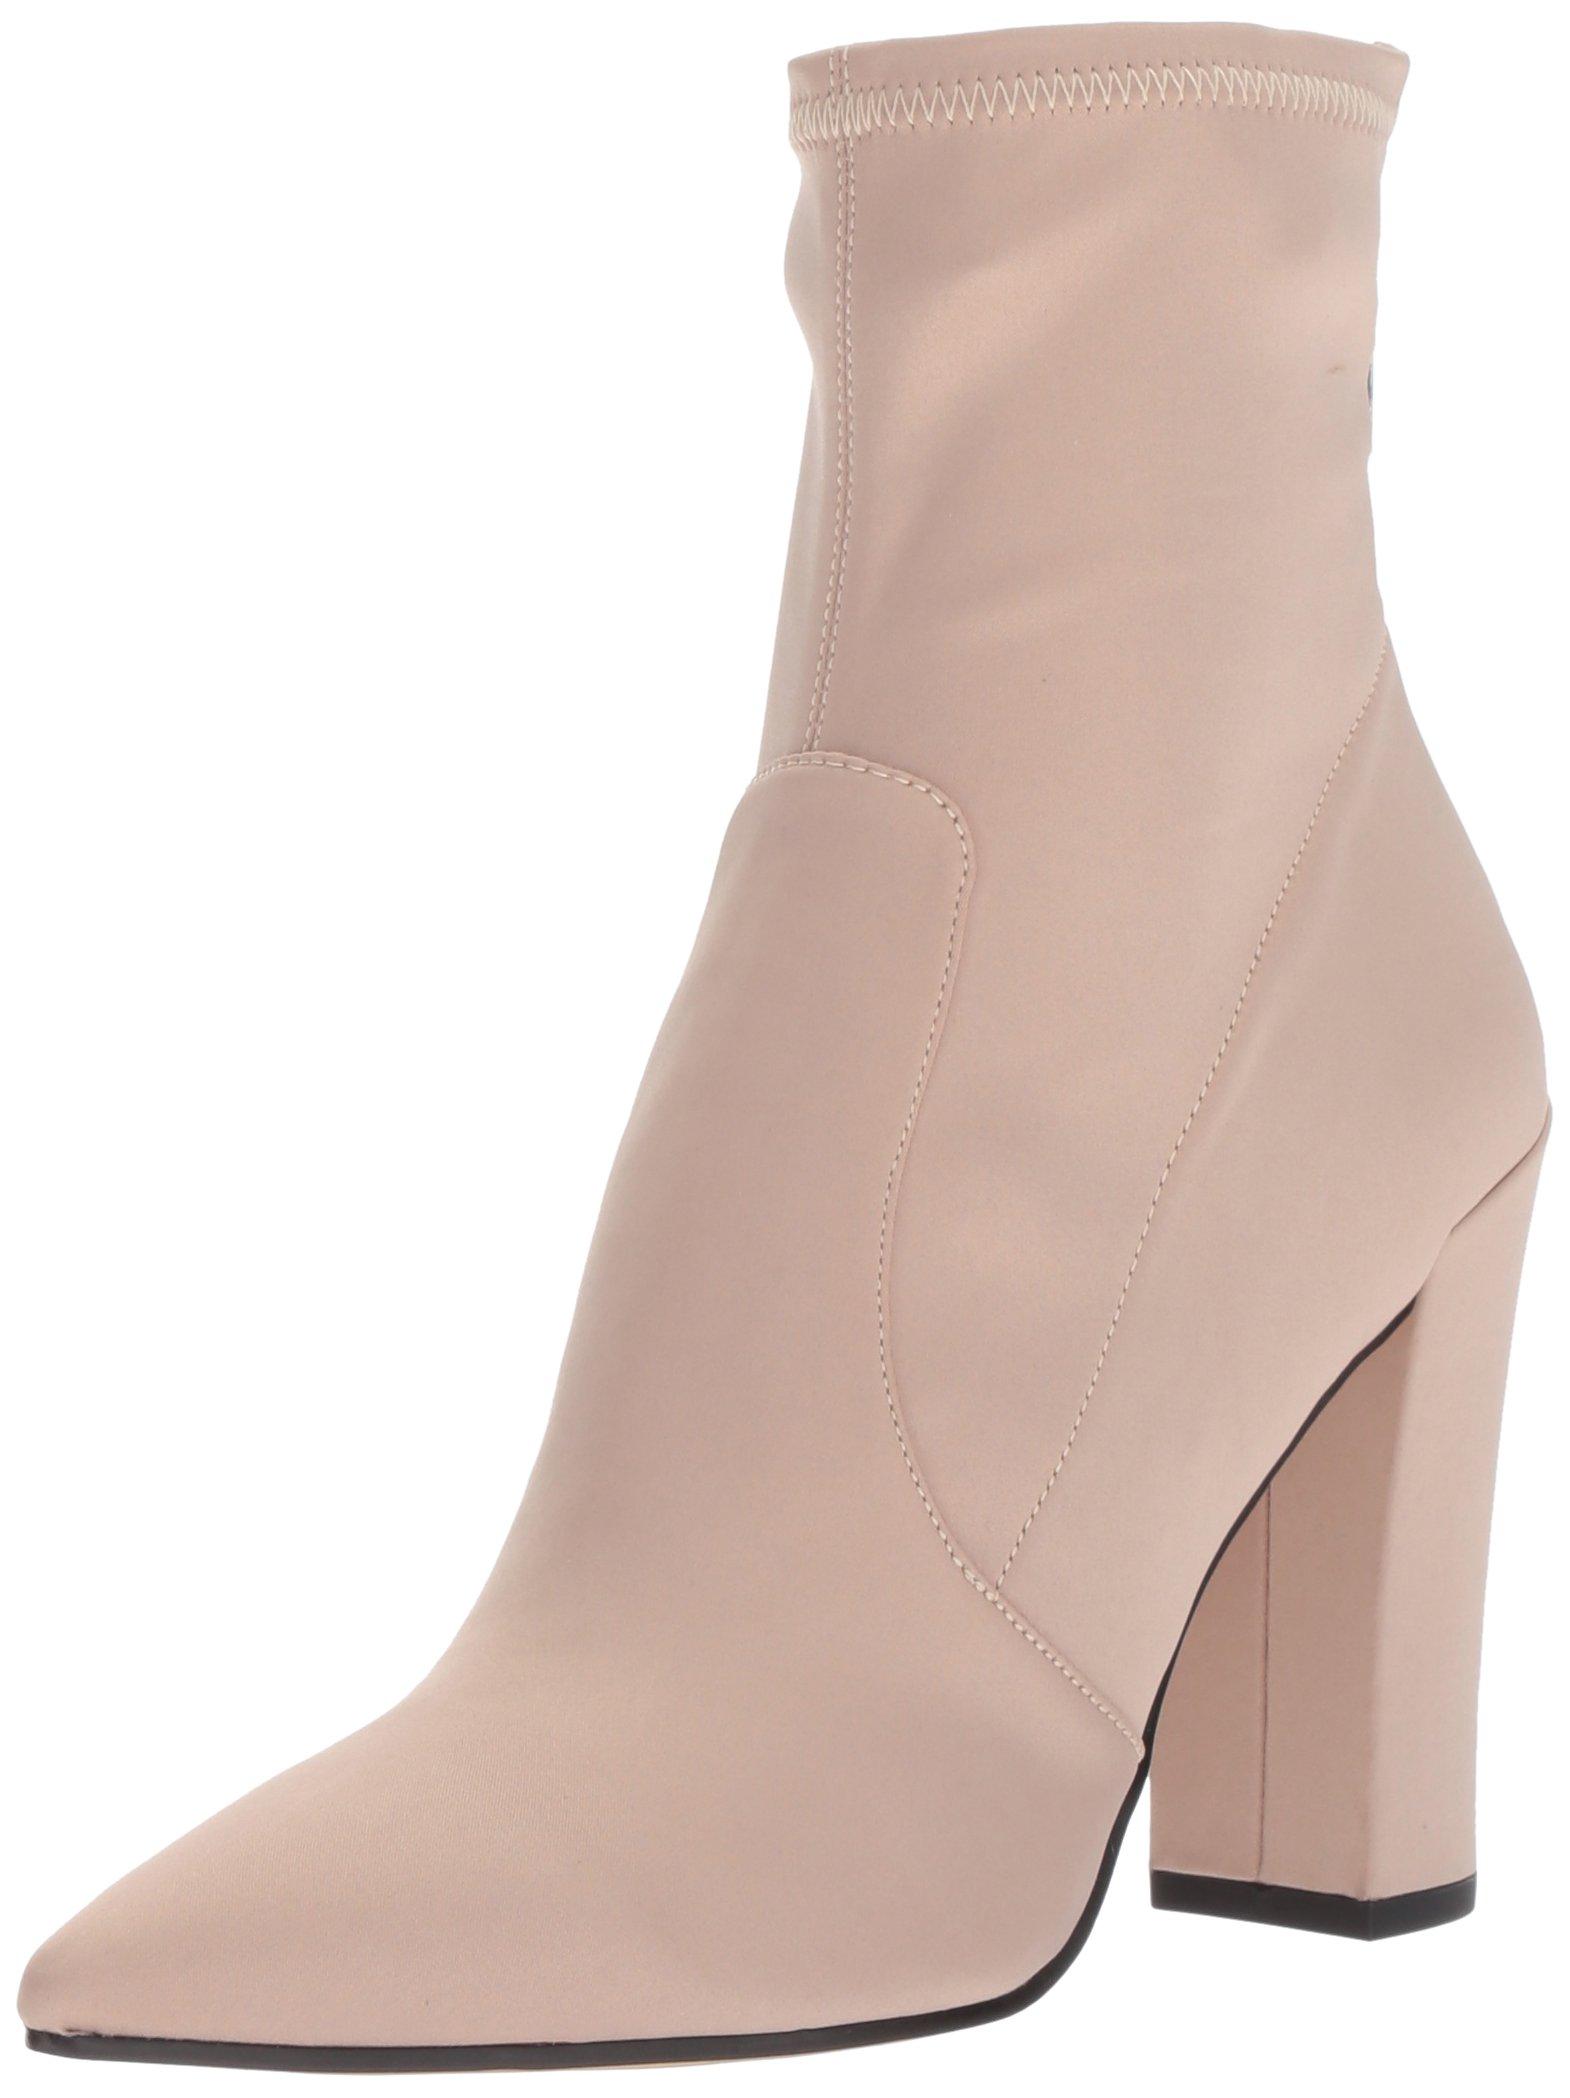 Dolce Vita Women's Elana Ankle Boot, Rose Satin, 7.5 M US